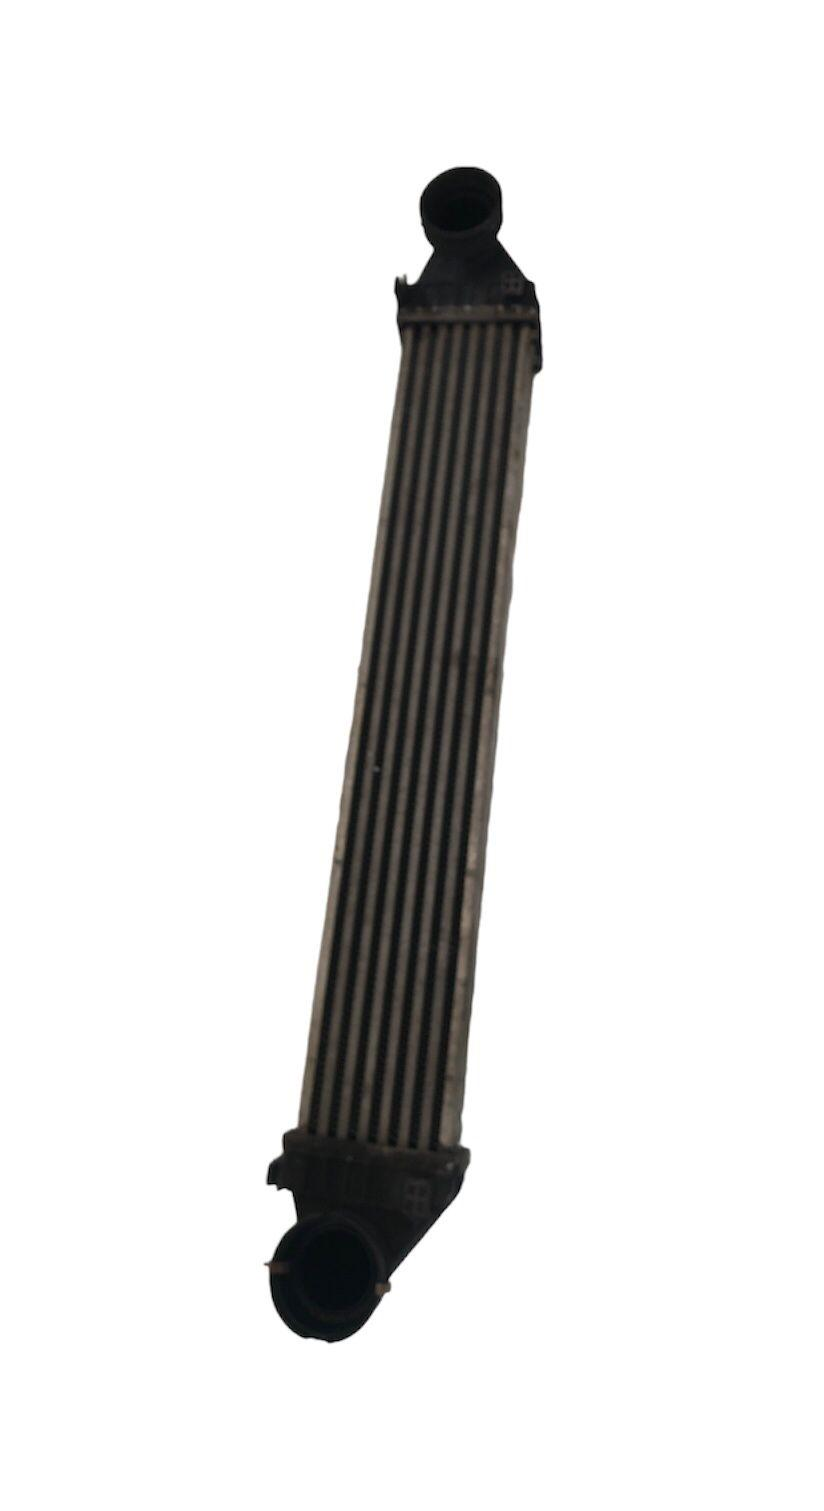 Intercooler MERCEDES Classe A W169 4° Serie